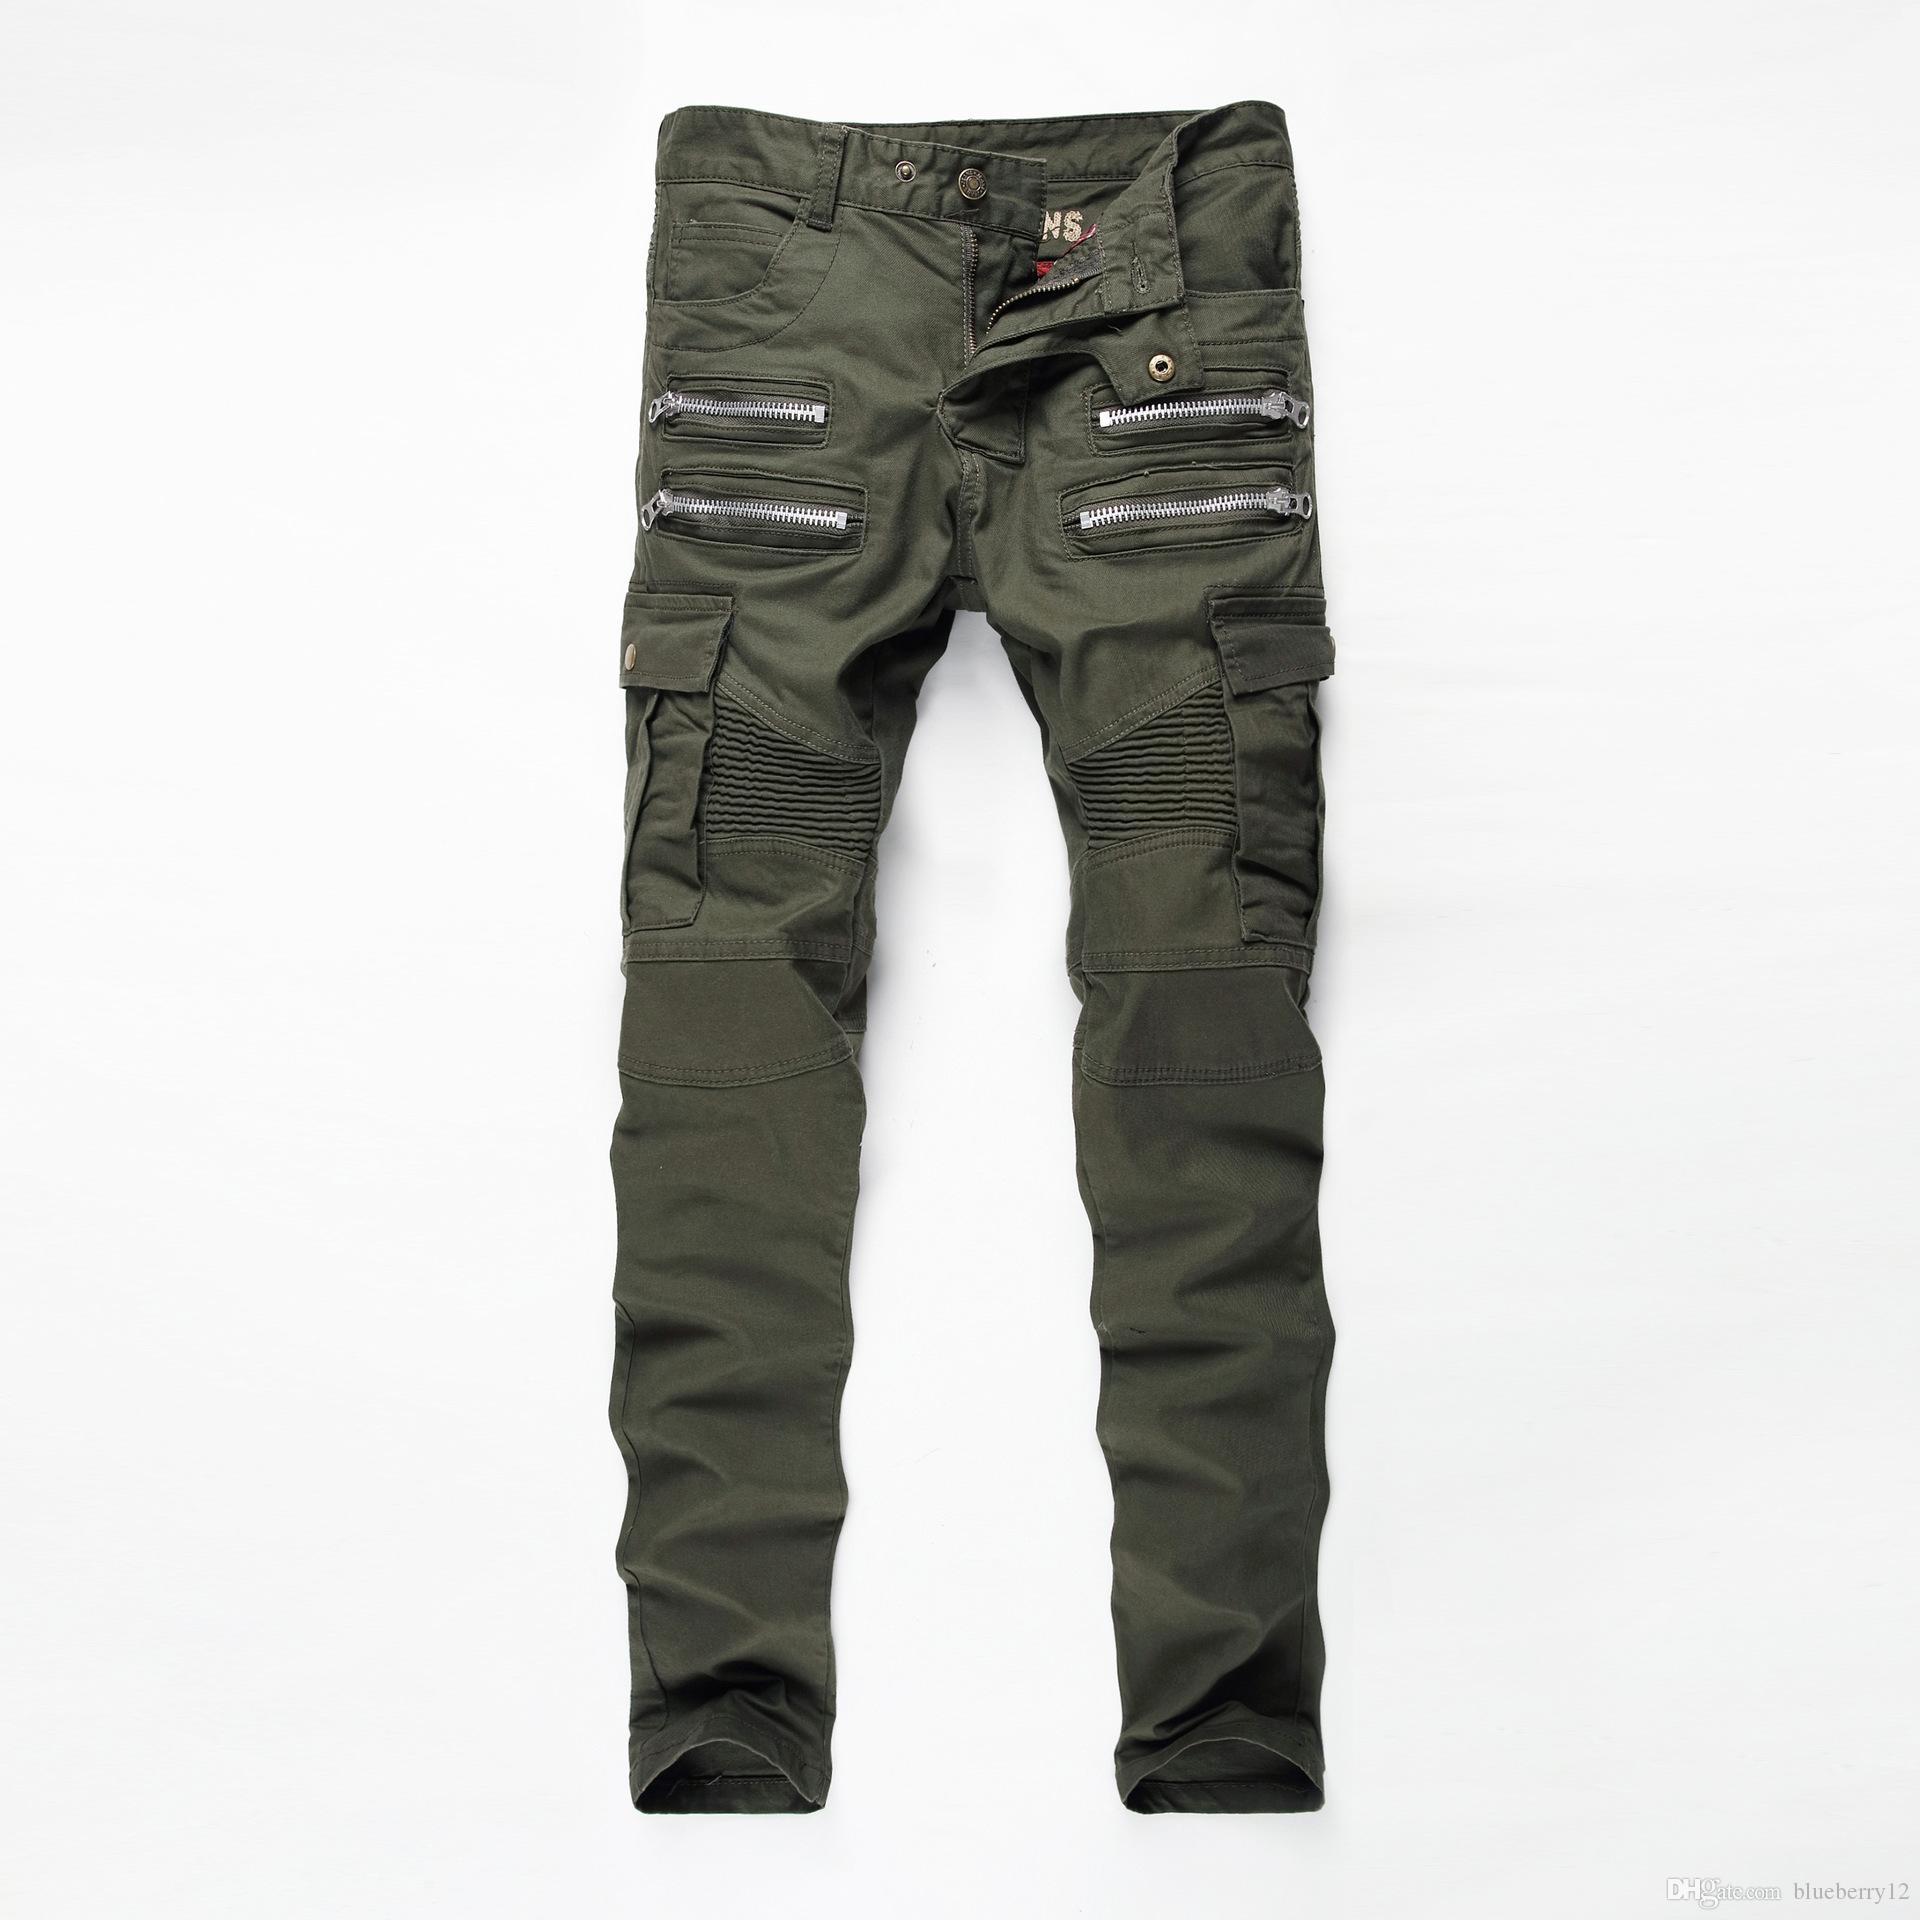 Erkek Jeans Yeni Moda Erkek Retro Biker Jeans Dar Kesim Düz Vintage Motosiklet Denim Pantolon Erkek Boyutu 29-38 İçin